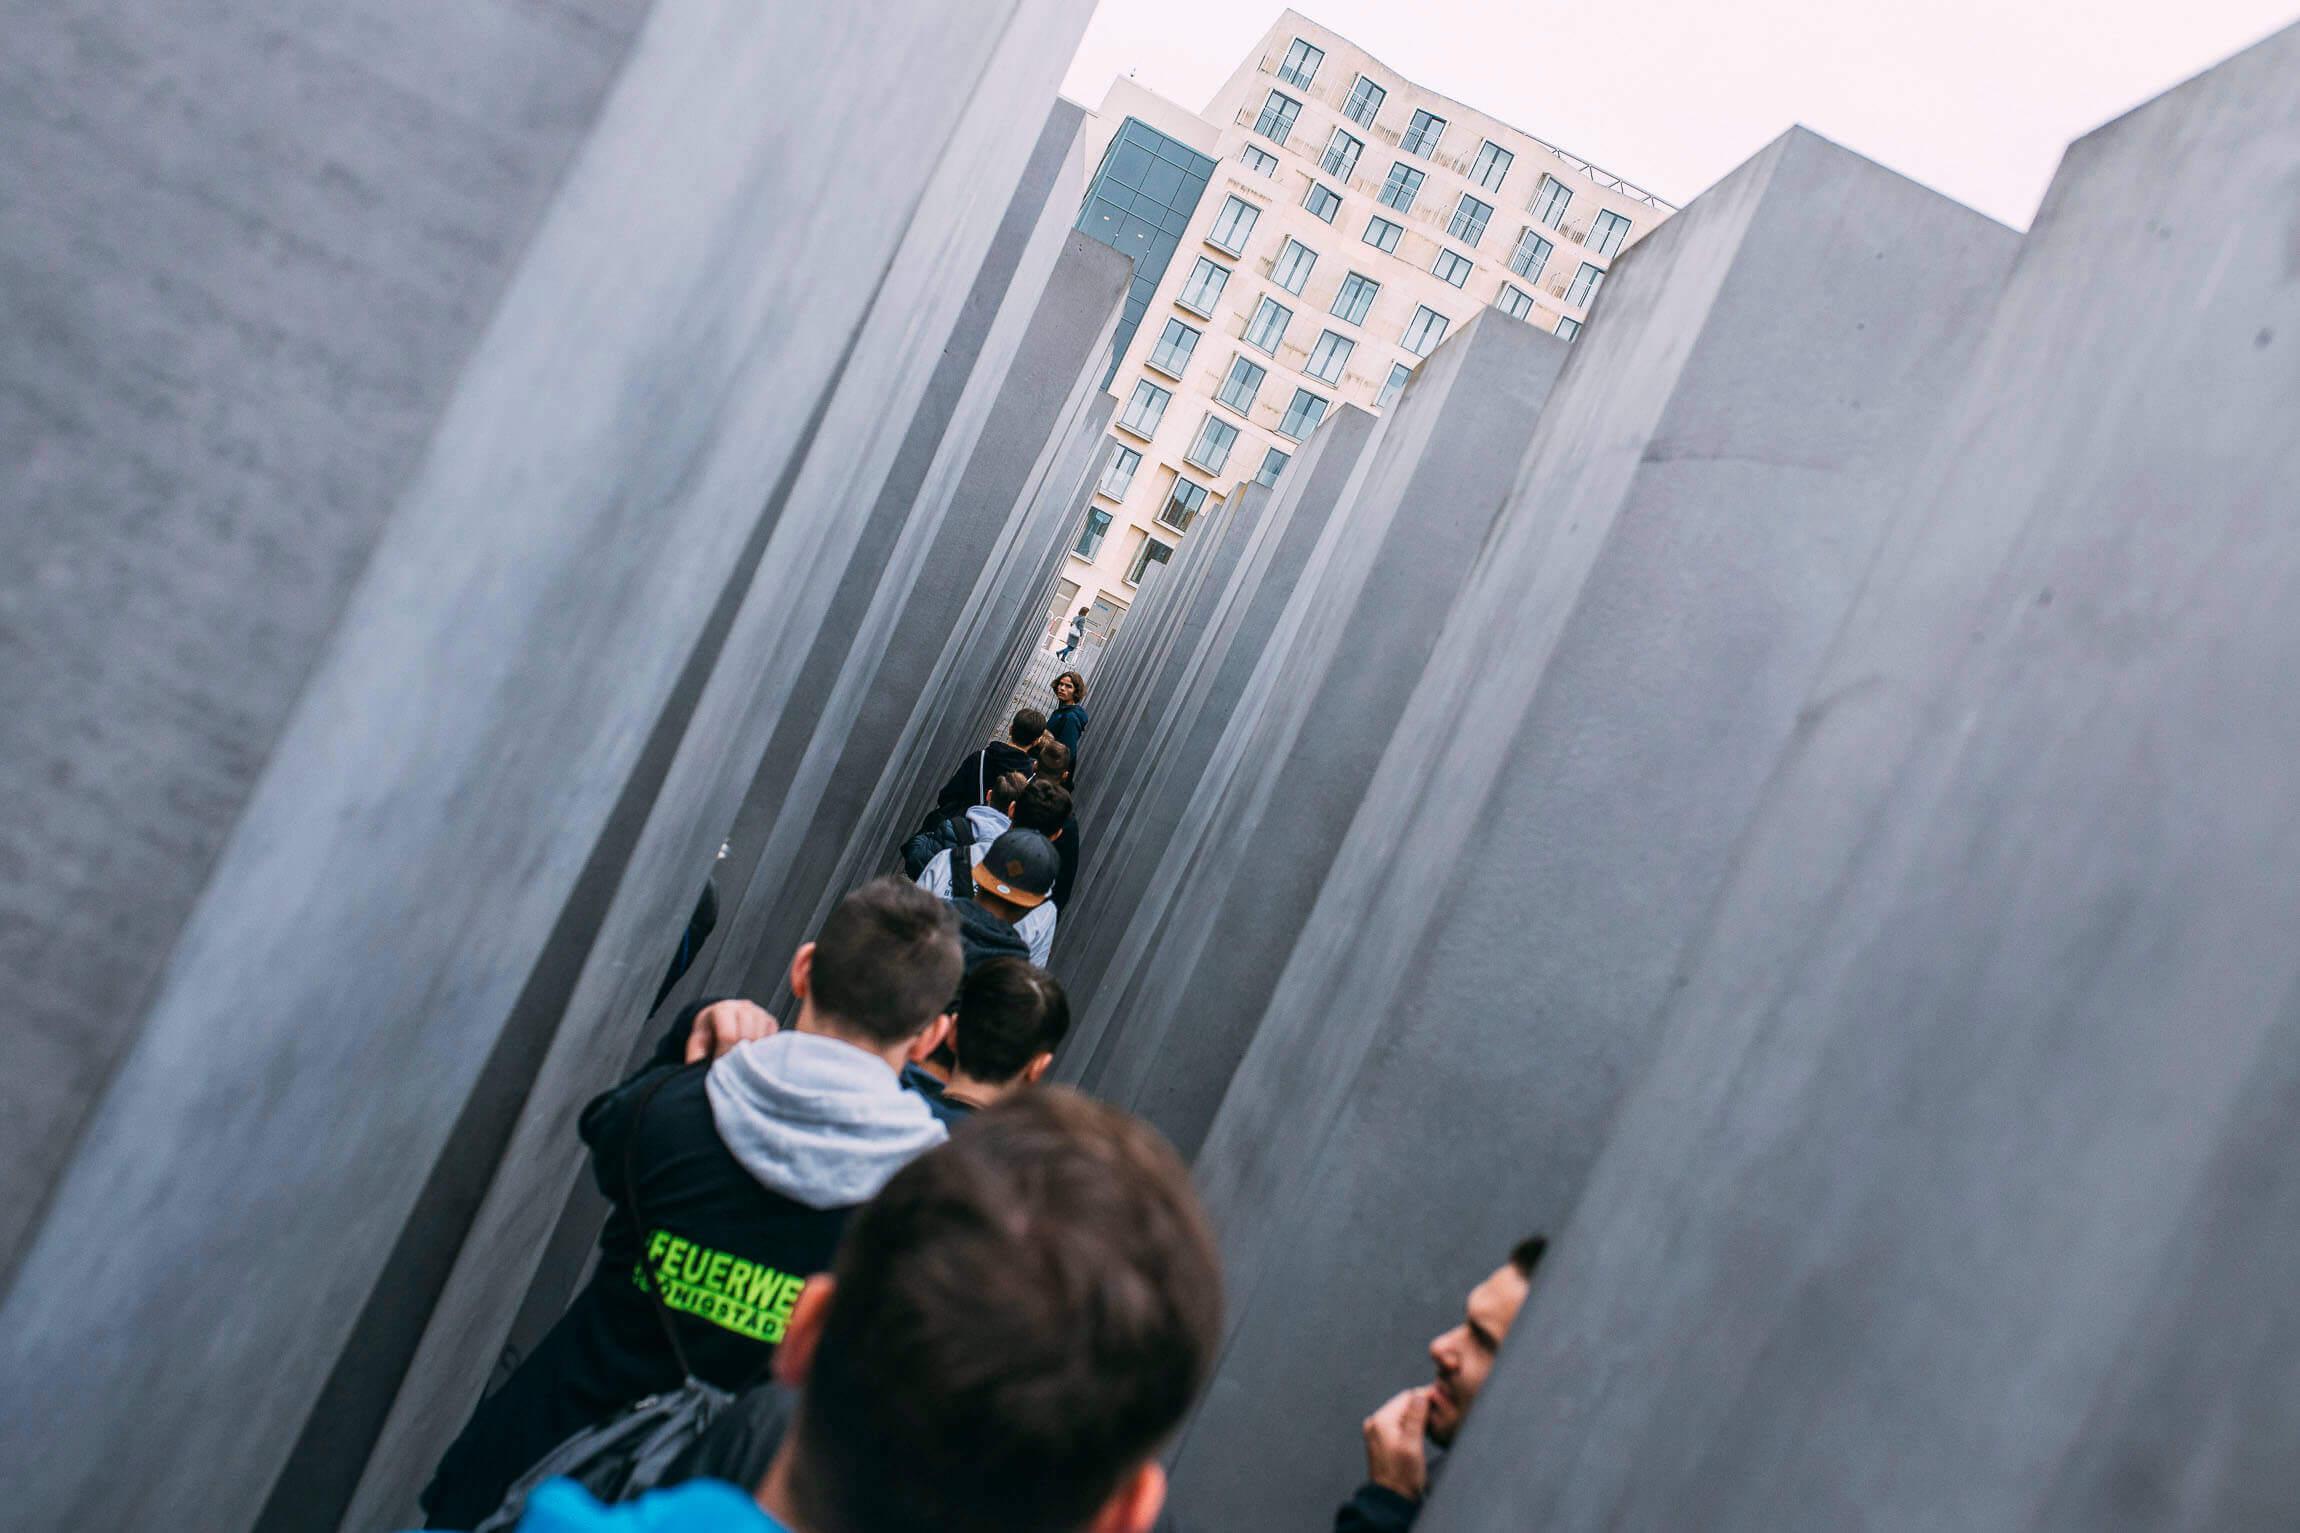 Jugendfeuerwehr Koenigstaedten Berlin 13